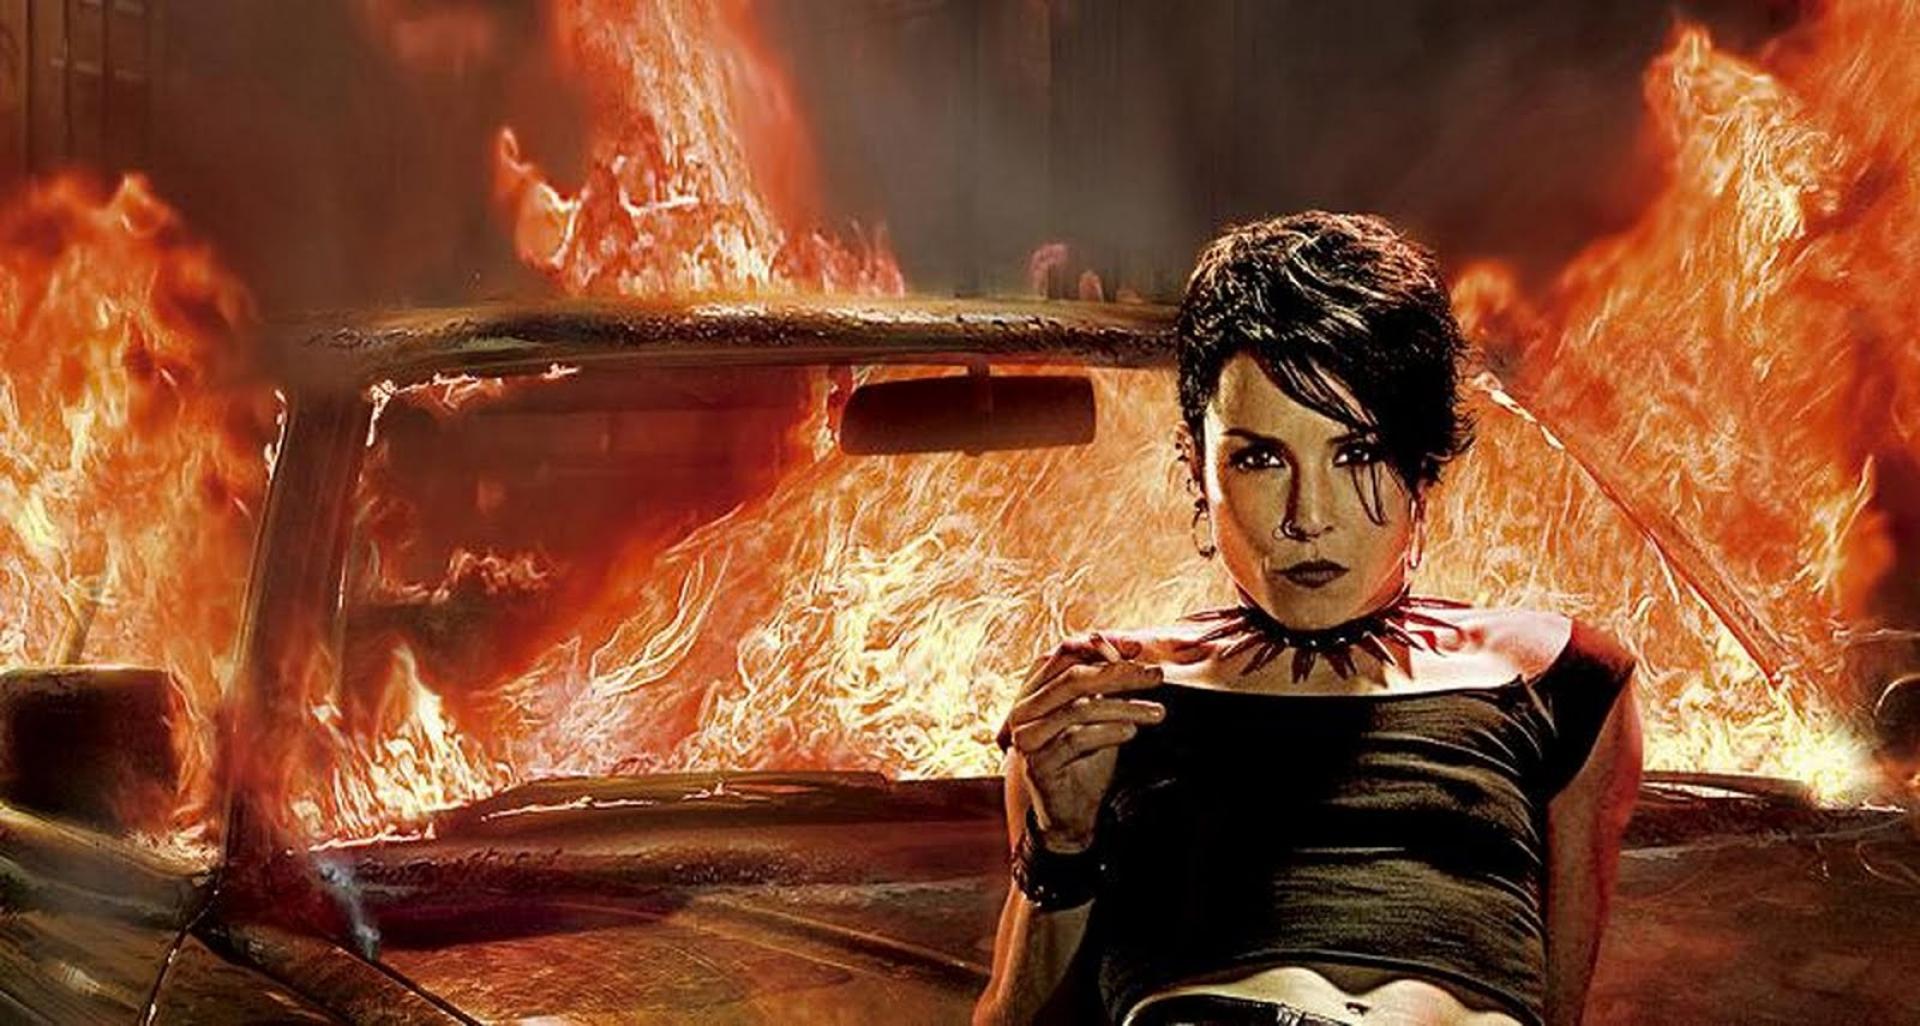 Északi extrém 7. - A lány aki a tűzzel játszik (2009)